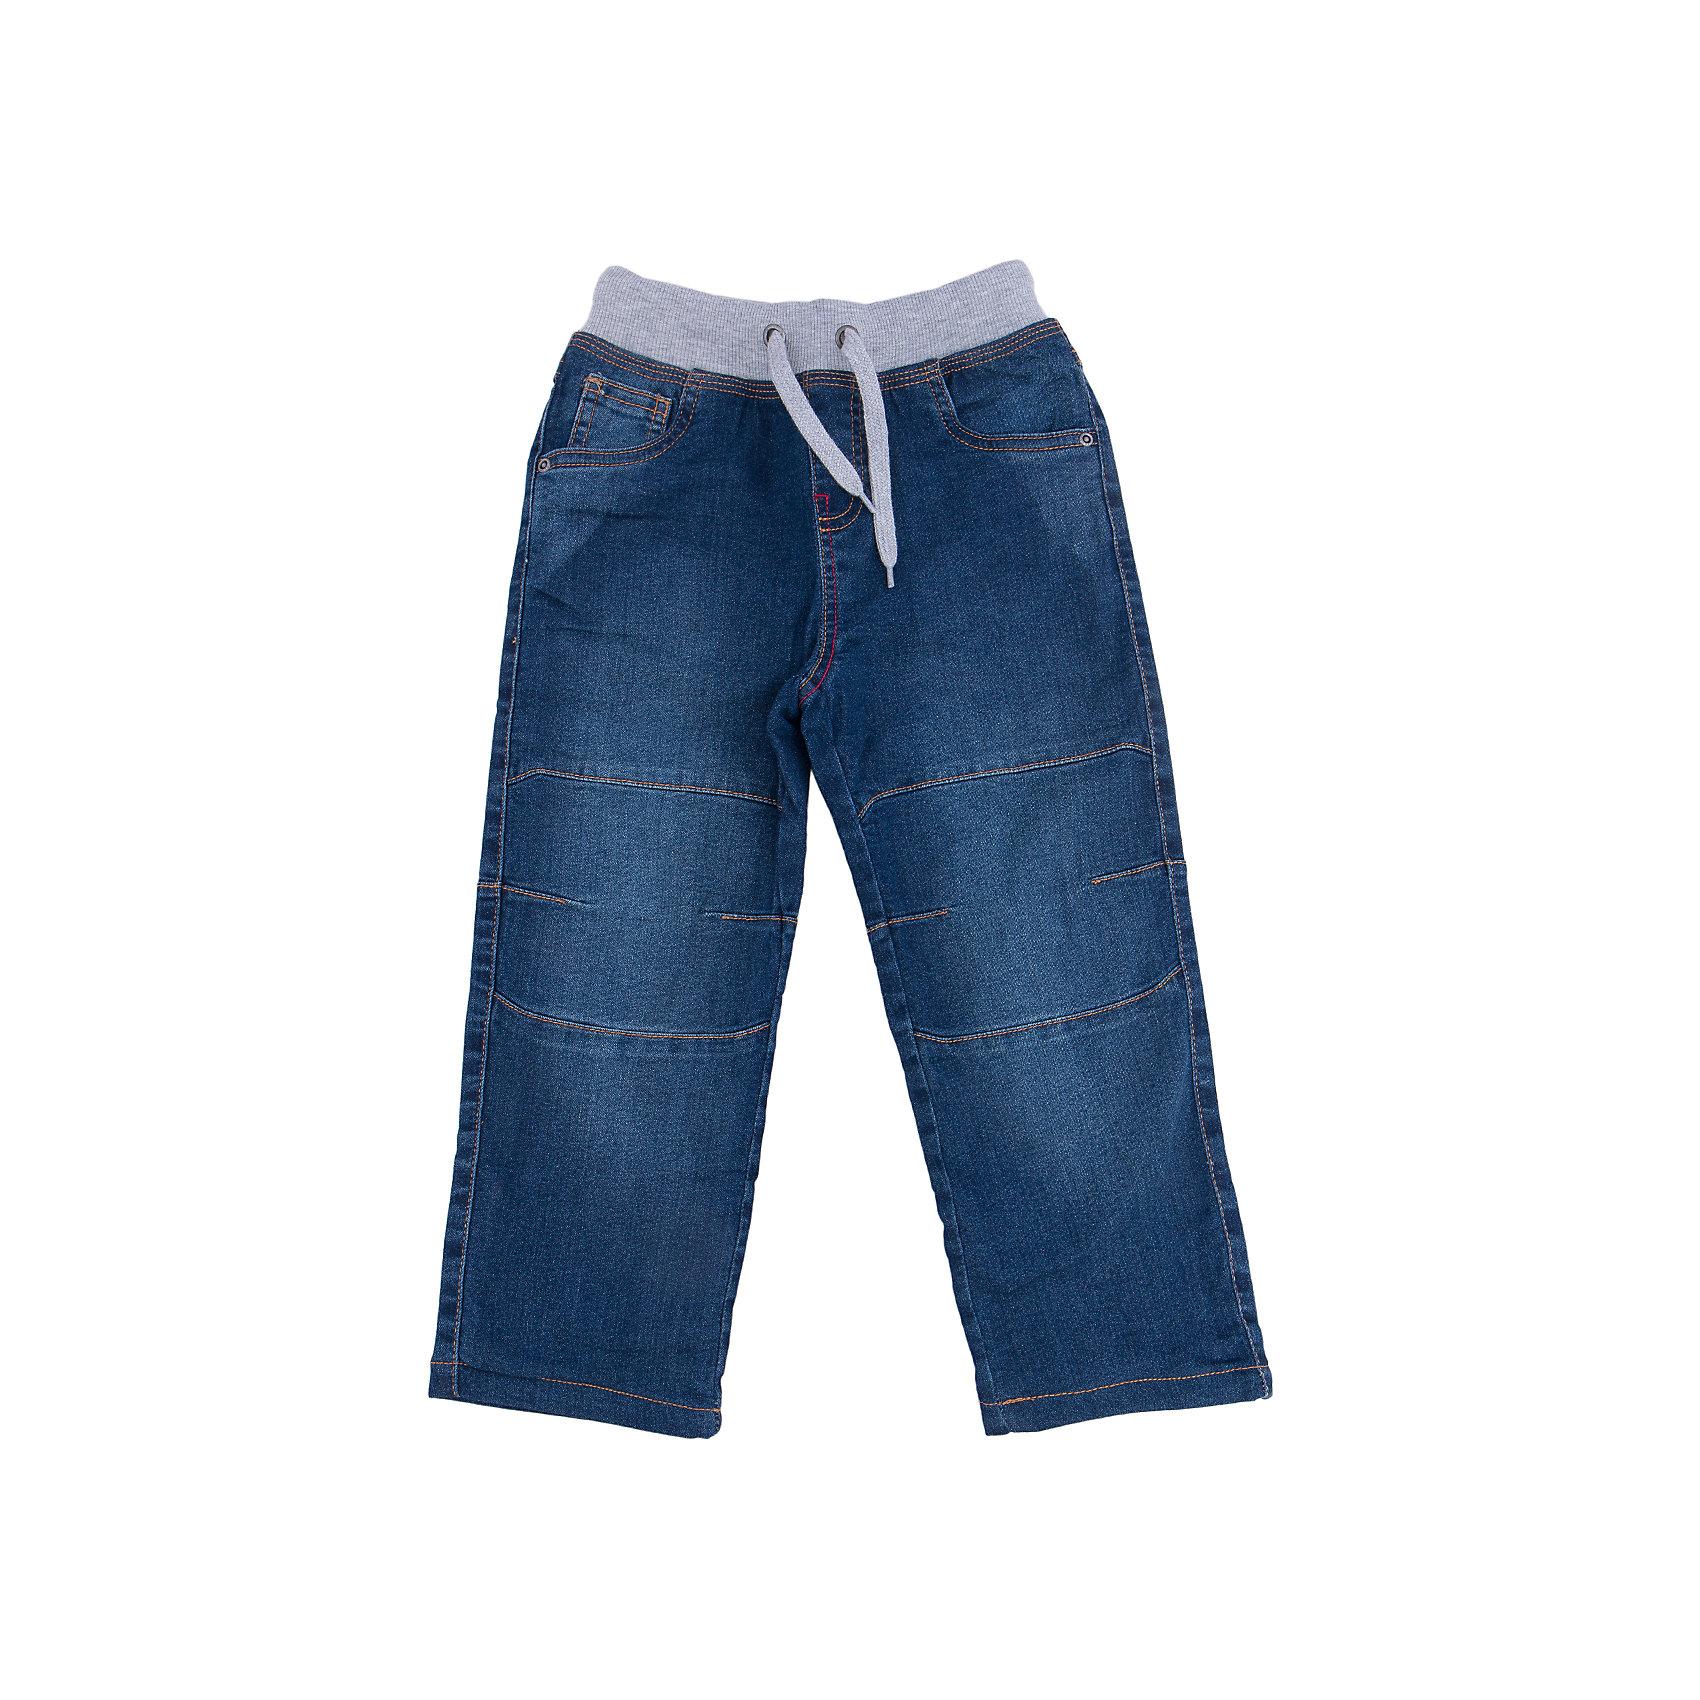 Джинсы для мальчика SELAДжинсовая одежда<br>Удобные джинсы - незаменимая вещь в детском гардеробе. Эта модель отлично сидит на ребенке, она сшита из плотного материала, натуральный хлопок не вызывает аллергии и обеспечивает ребенку комфорт. Модель станет отличной базовой вещью, которая будет уместна в различных сочетаниях.<br>Одежда от бренда Sela (Села) - это качество по приемлемым ценам. Многие российские родители уже оценили преимущества продукции этой компании и всё чаще приобретают одежду и аксессуары Sela.<br><br>Дополнительная информация:<br><br>цвет: синий;<br>материал: 100% хлопок; подкладка 65% ПЭ, 35% хлопок;<br>плотный материал;<br>резинка и шнурок в поясе.<br><br>Джинсы для мальчика от бренда Sela можно купить в нашем интернет-магазине.<br><br>Ширина мм: 215<br>Глубина мм: 88<br>Высота мм: 191<br>Вес г: 336<br>Цвет: синий<br>Возраст от месяцев: 18<br>Возраст до месяцев: 24<br>Пол: Мужской<br>Возраст: Детский<br>Размер: 92,116,98,104,110<br>SKU: 5008073